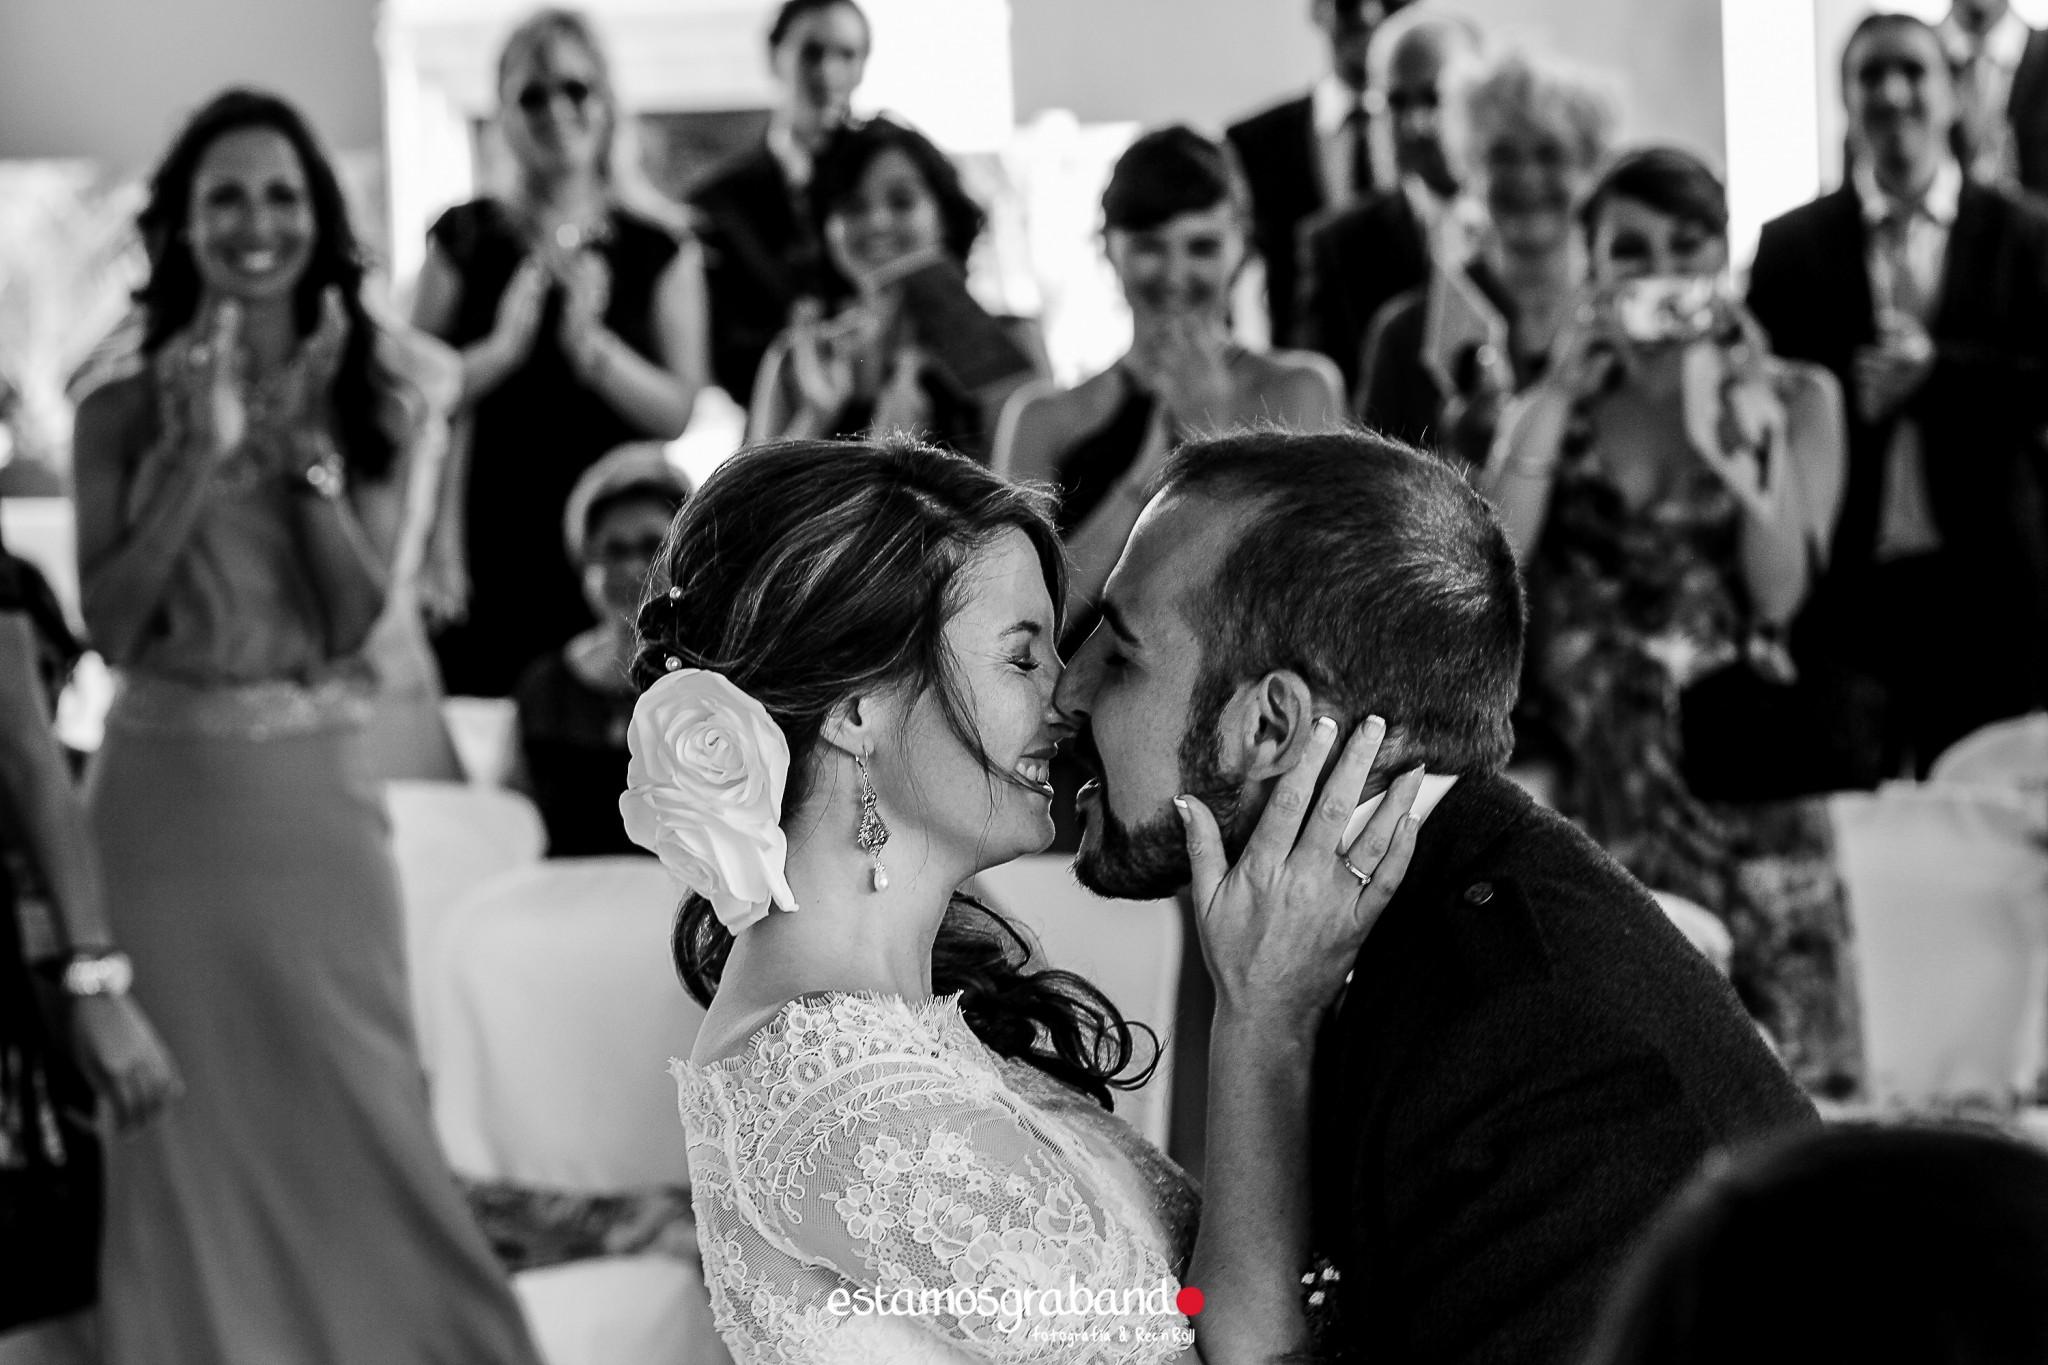 bee-y-juan-16 La boda de Braveheart (Spanish version)_Vee & Juan - video boda cadiz